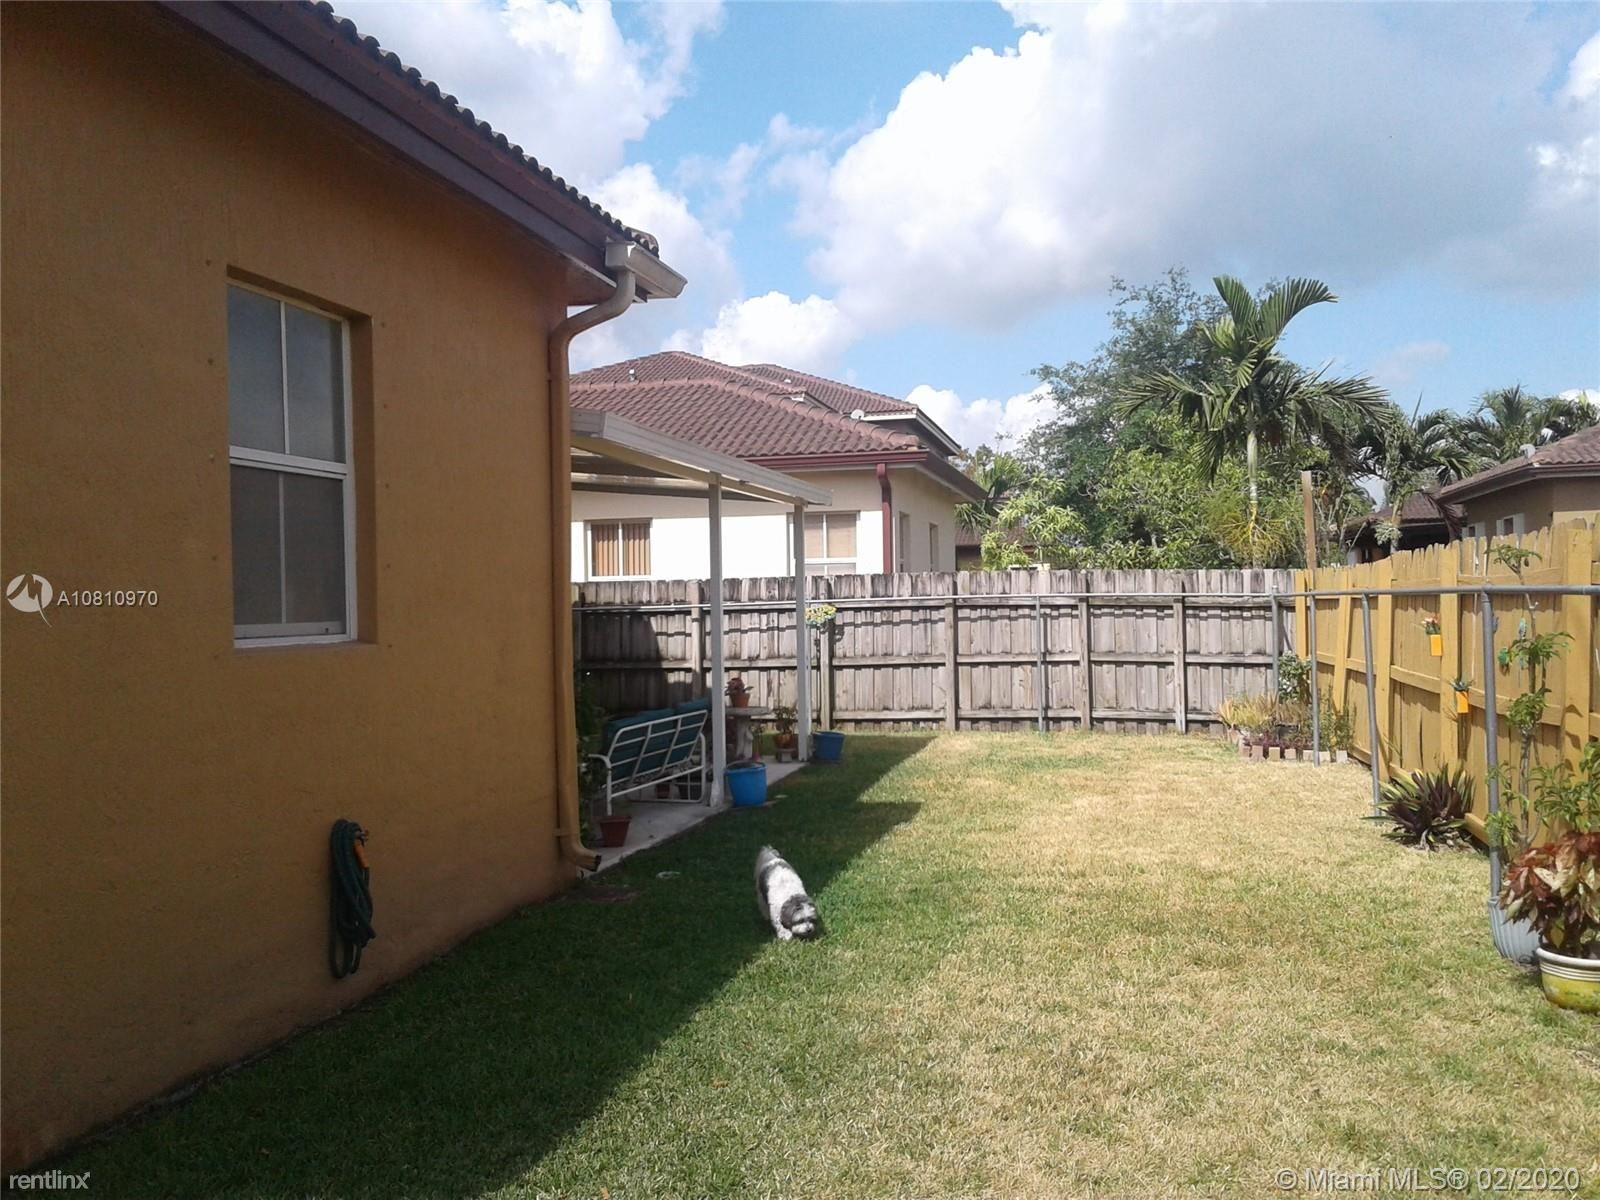 8803 NW 178th Ln, Miami Lakes, FL - $2,700